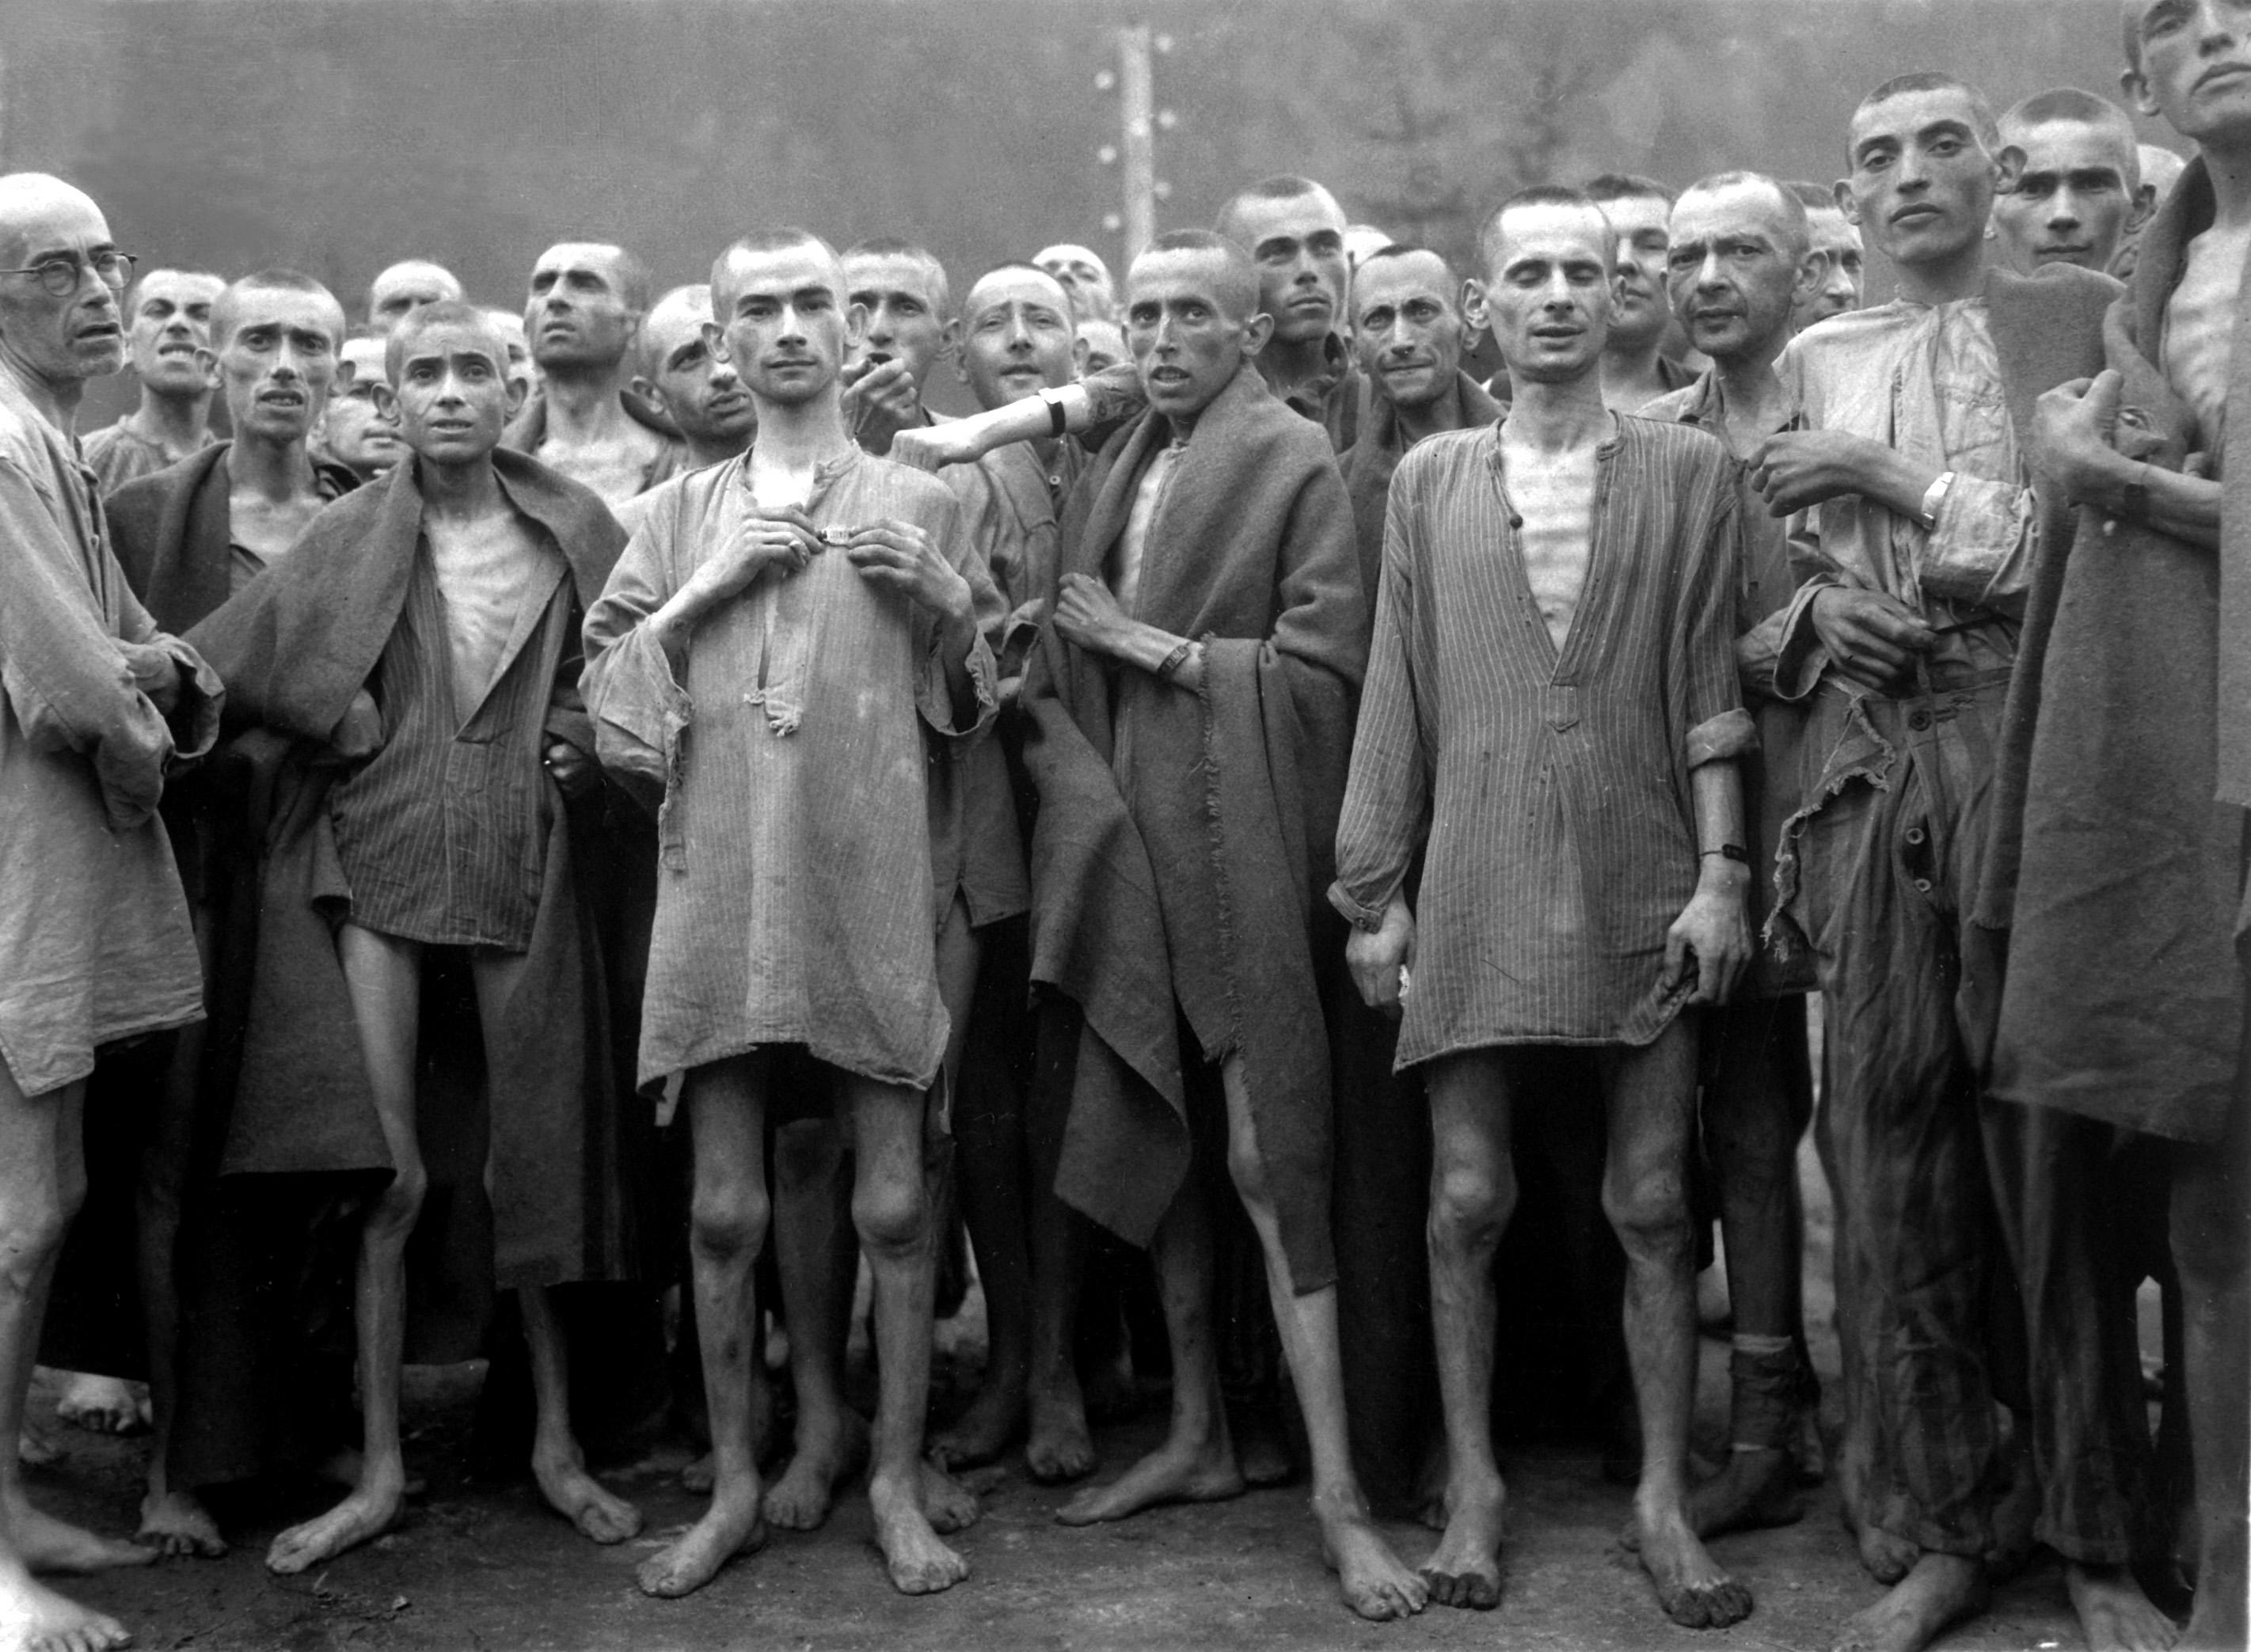 """Hladoví vězni, téměř mrtví od hladu, pózují v koncentračním táboře v Ebensee v Rakousku. Tábor byl údajně využíván pro """"vědecké"""" experimenty. Tábor byl osobozen 80. divizí. 7. května 1945. Poručík E. E. Samuelson."""